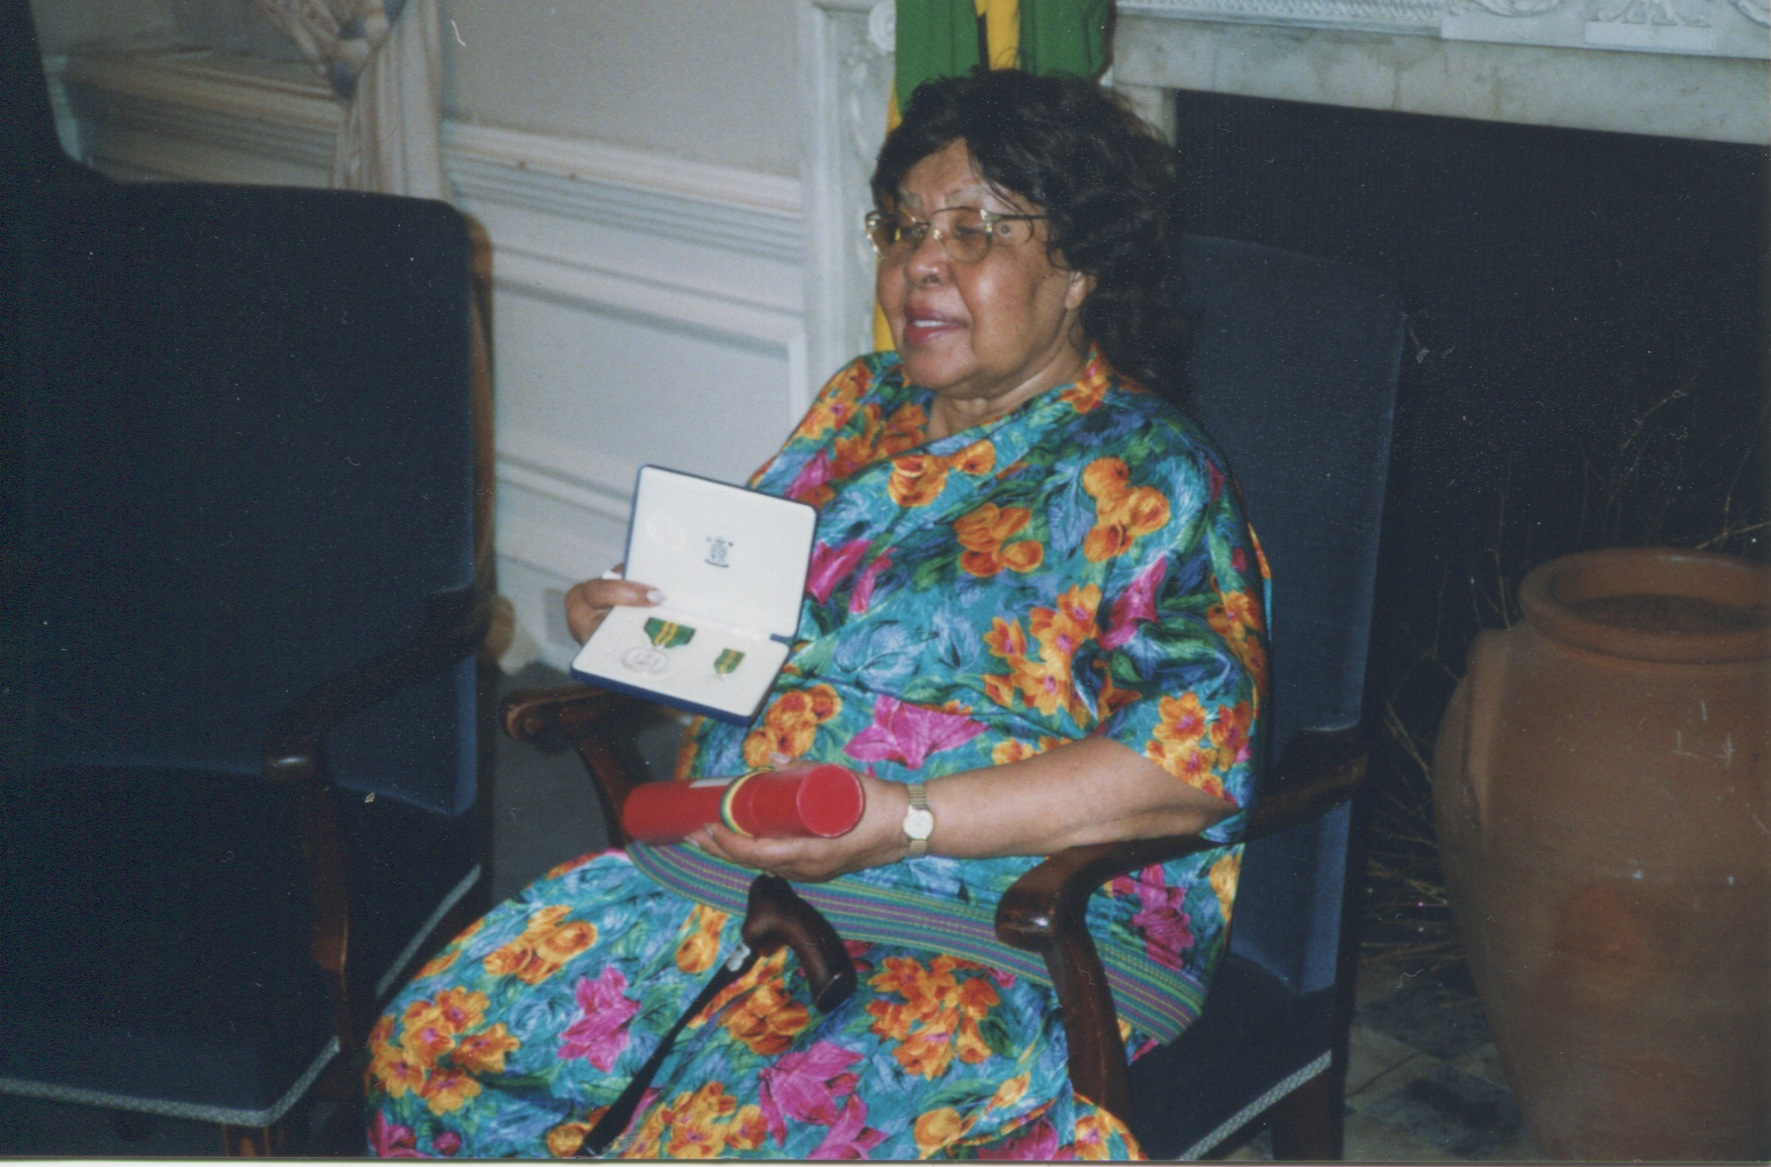 Mrs I Gordon OM, with her award